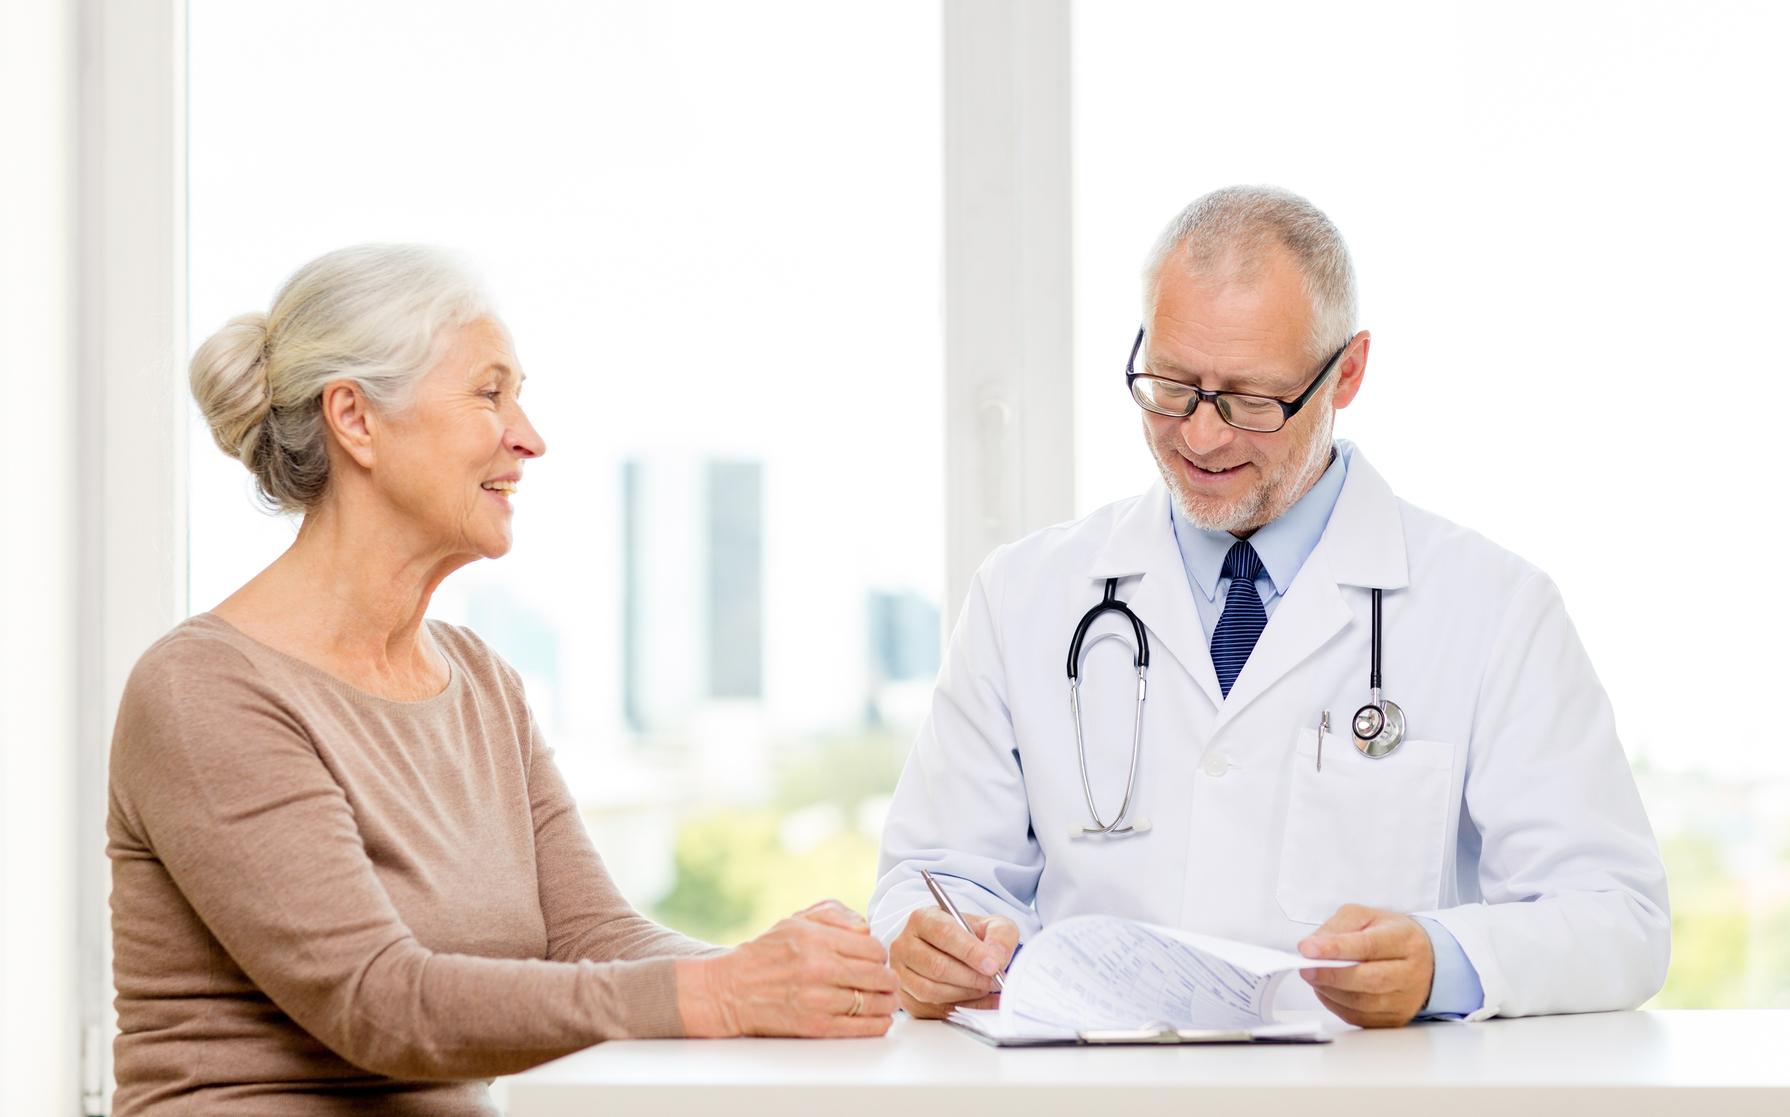 Стрептодермия у детей и взрослых: фото, причины и симптомы, лечение